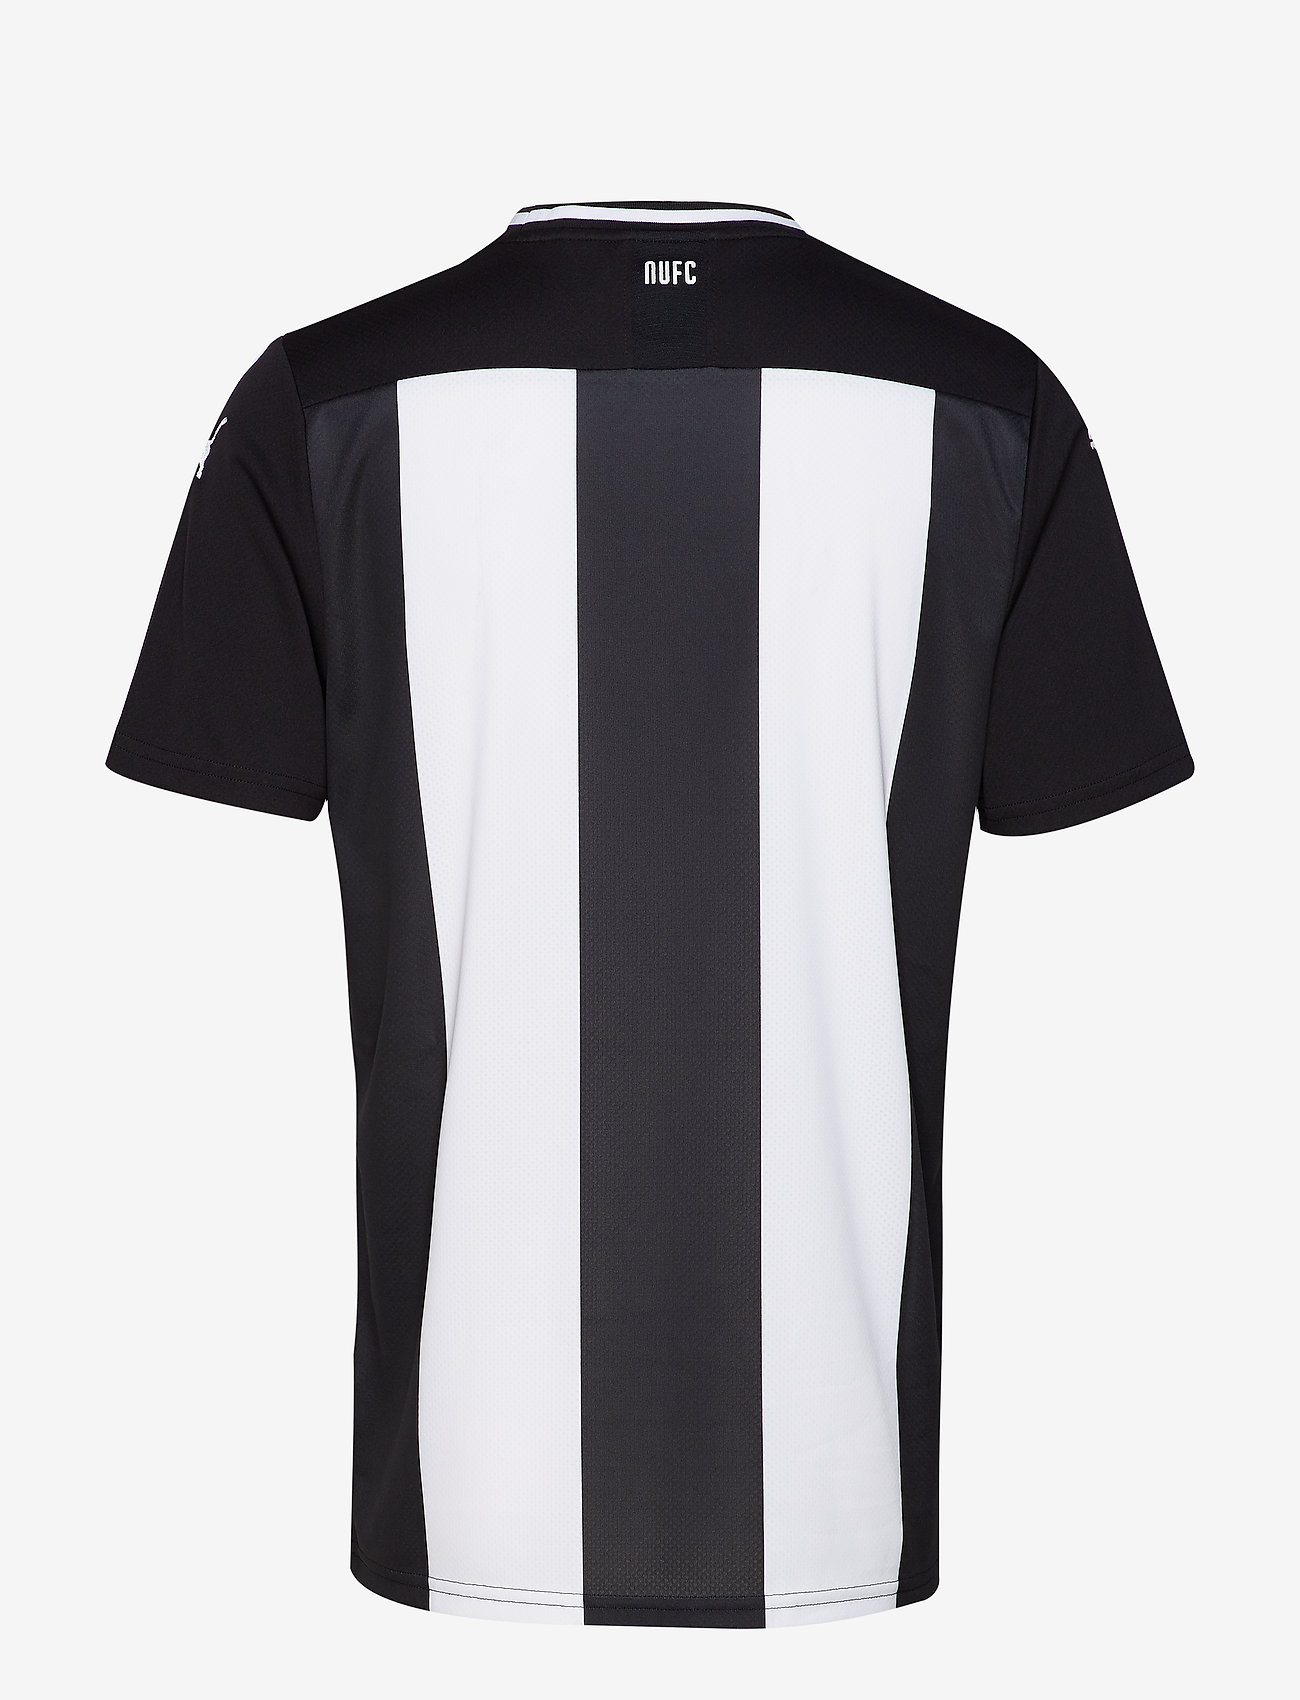 Puma Nufc Home Shirt Replica Ss With Sponsor - T-shirts White-puma Black